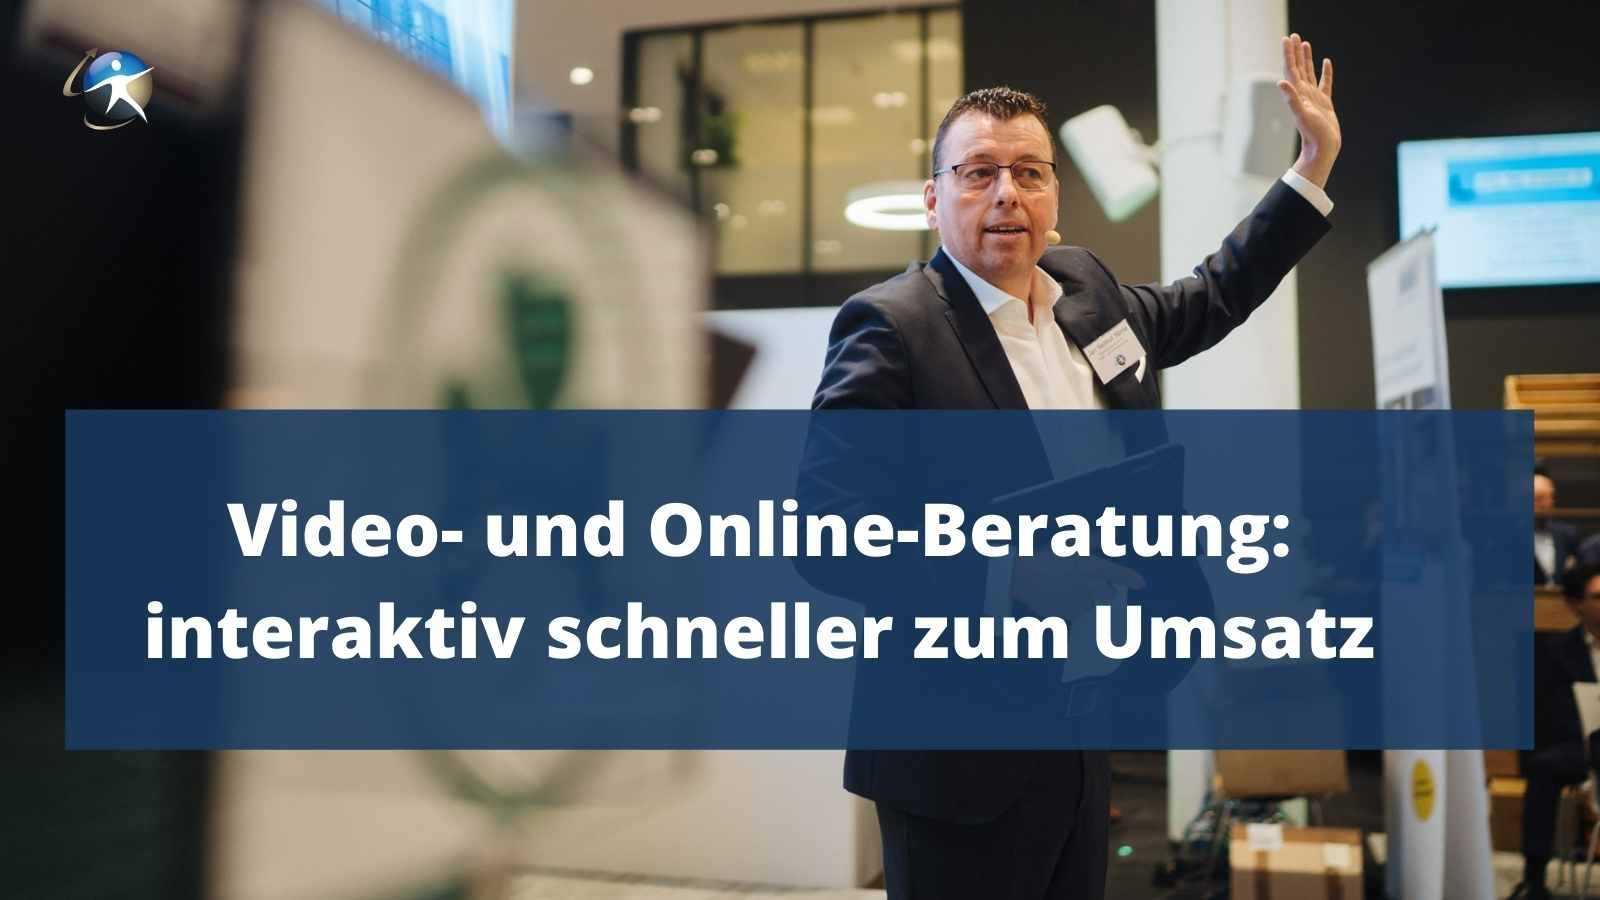 interaktiv schneller zum Umsatz Onlineberatung